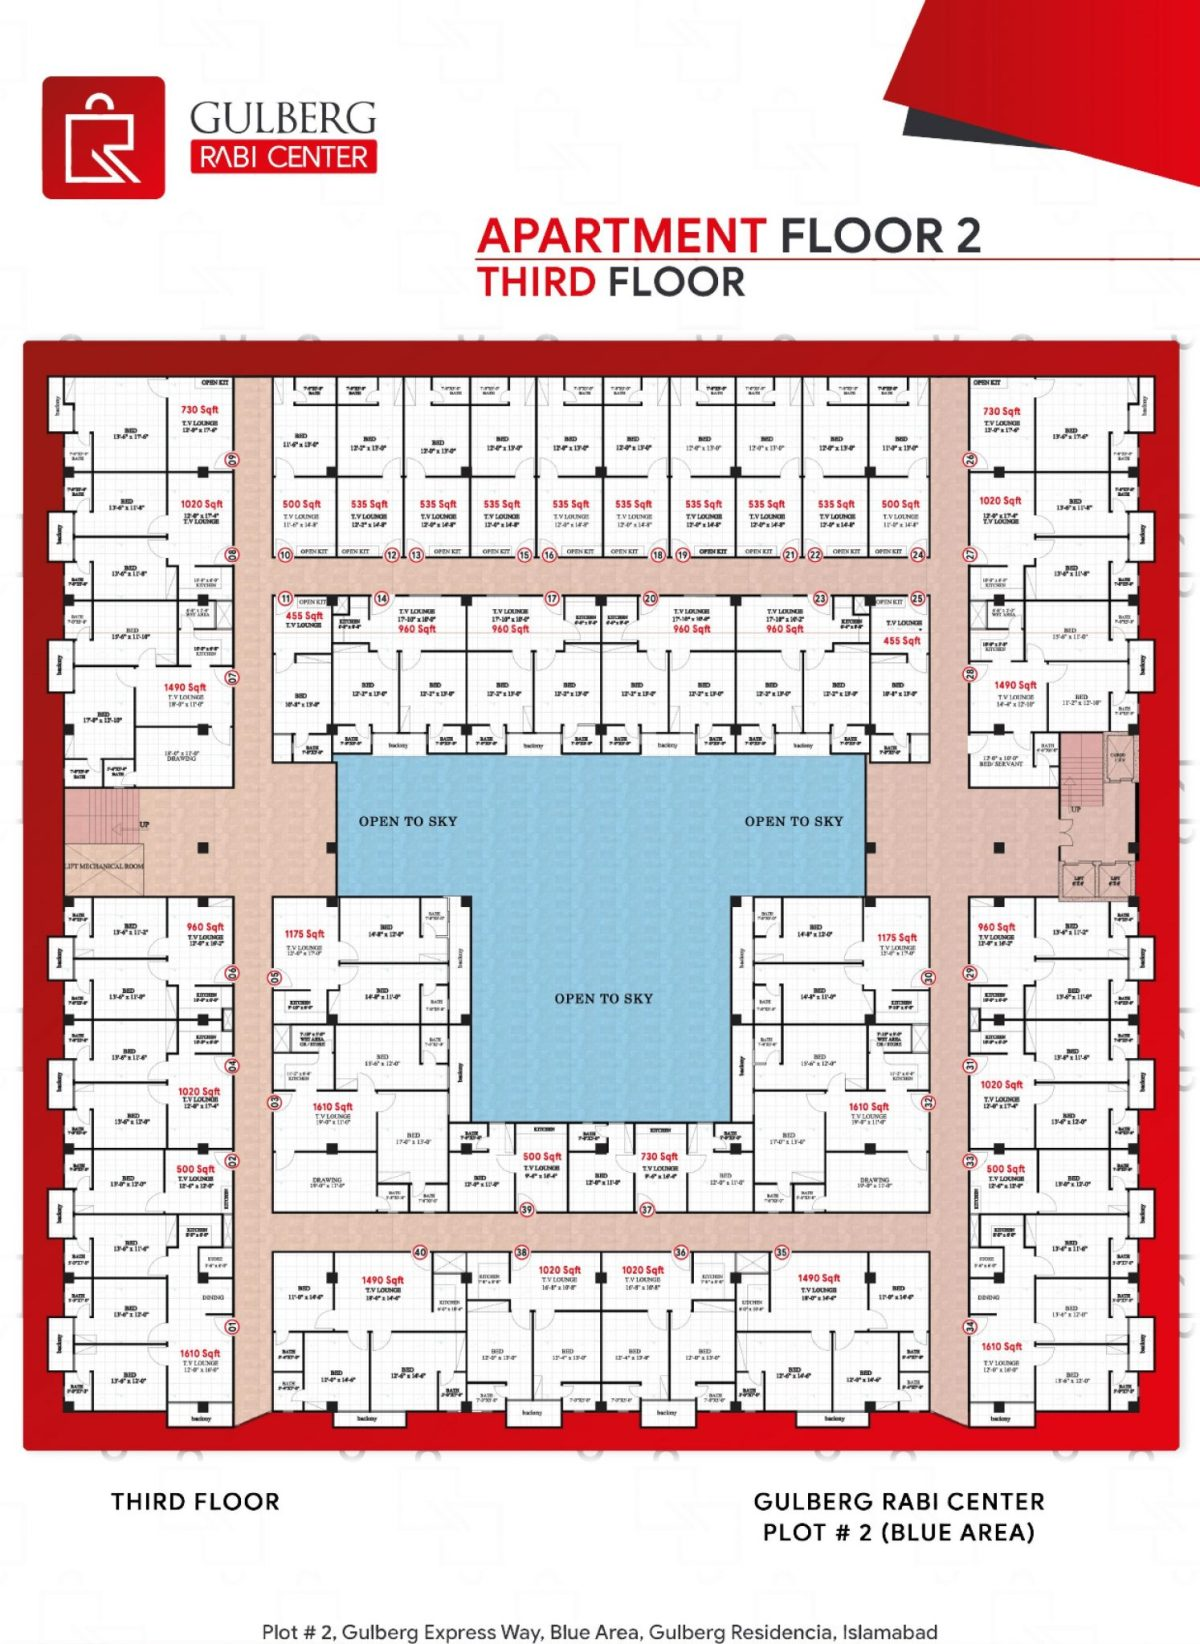 Floor Plan Apartment Floor 2 - (Third Floor)